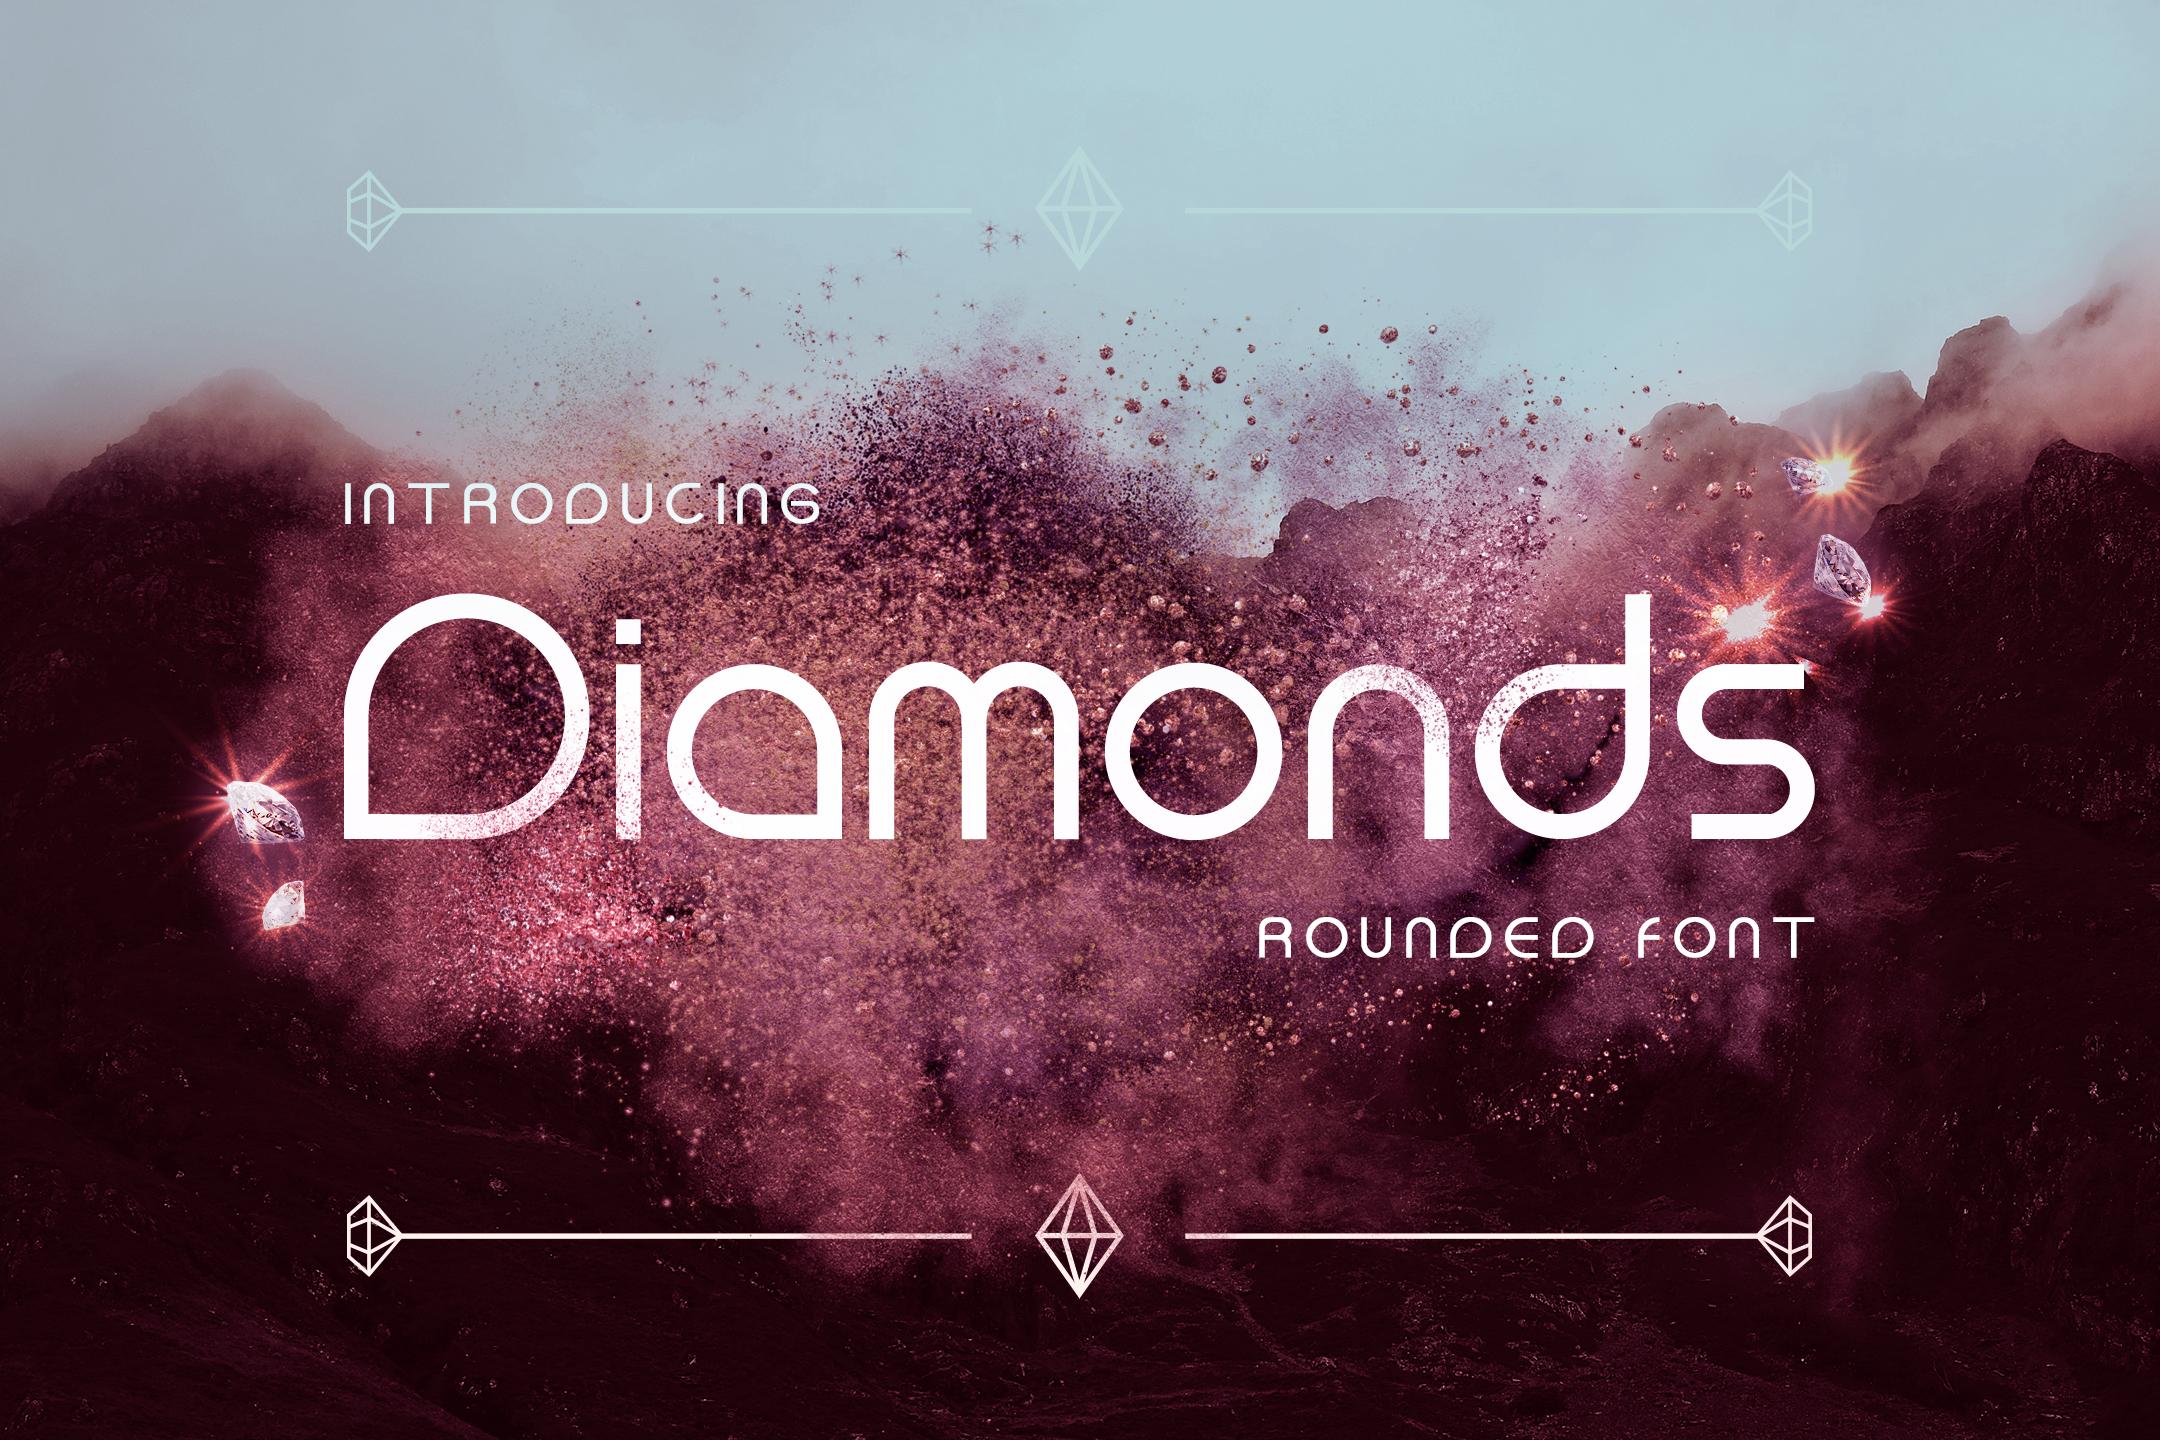 Diamonds example 1